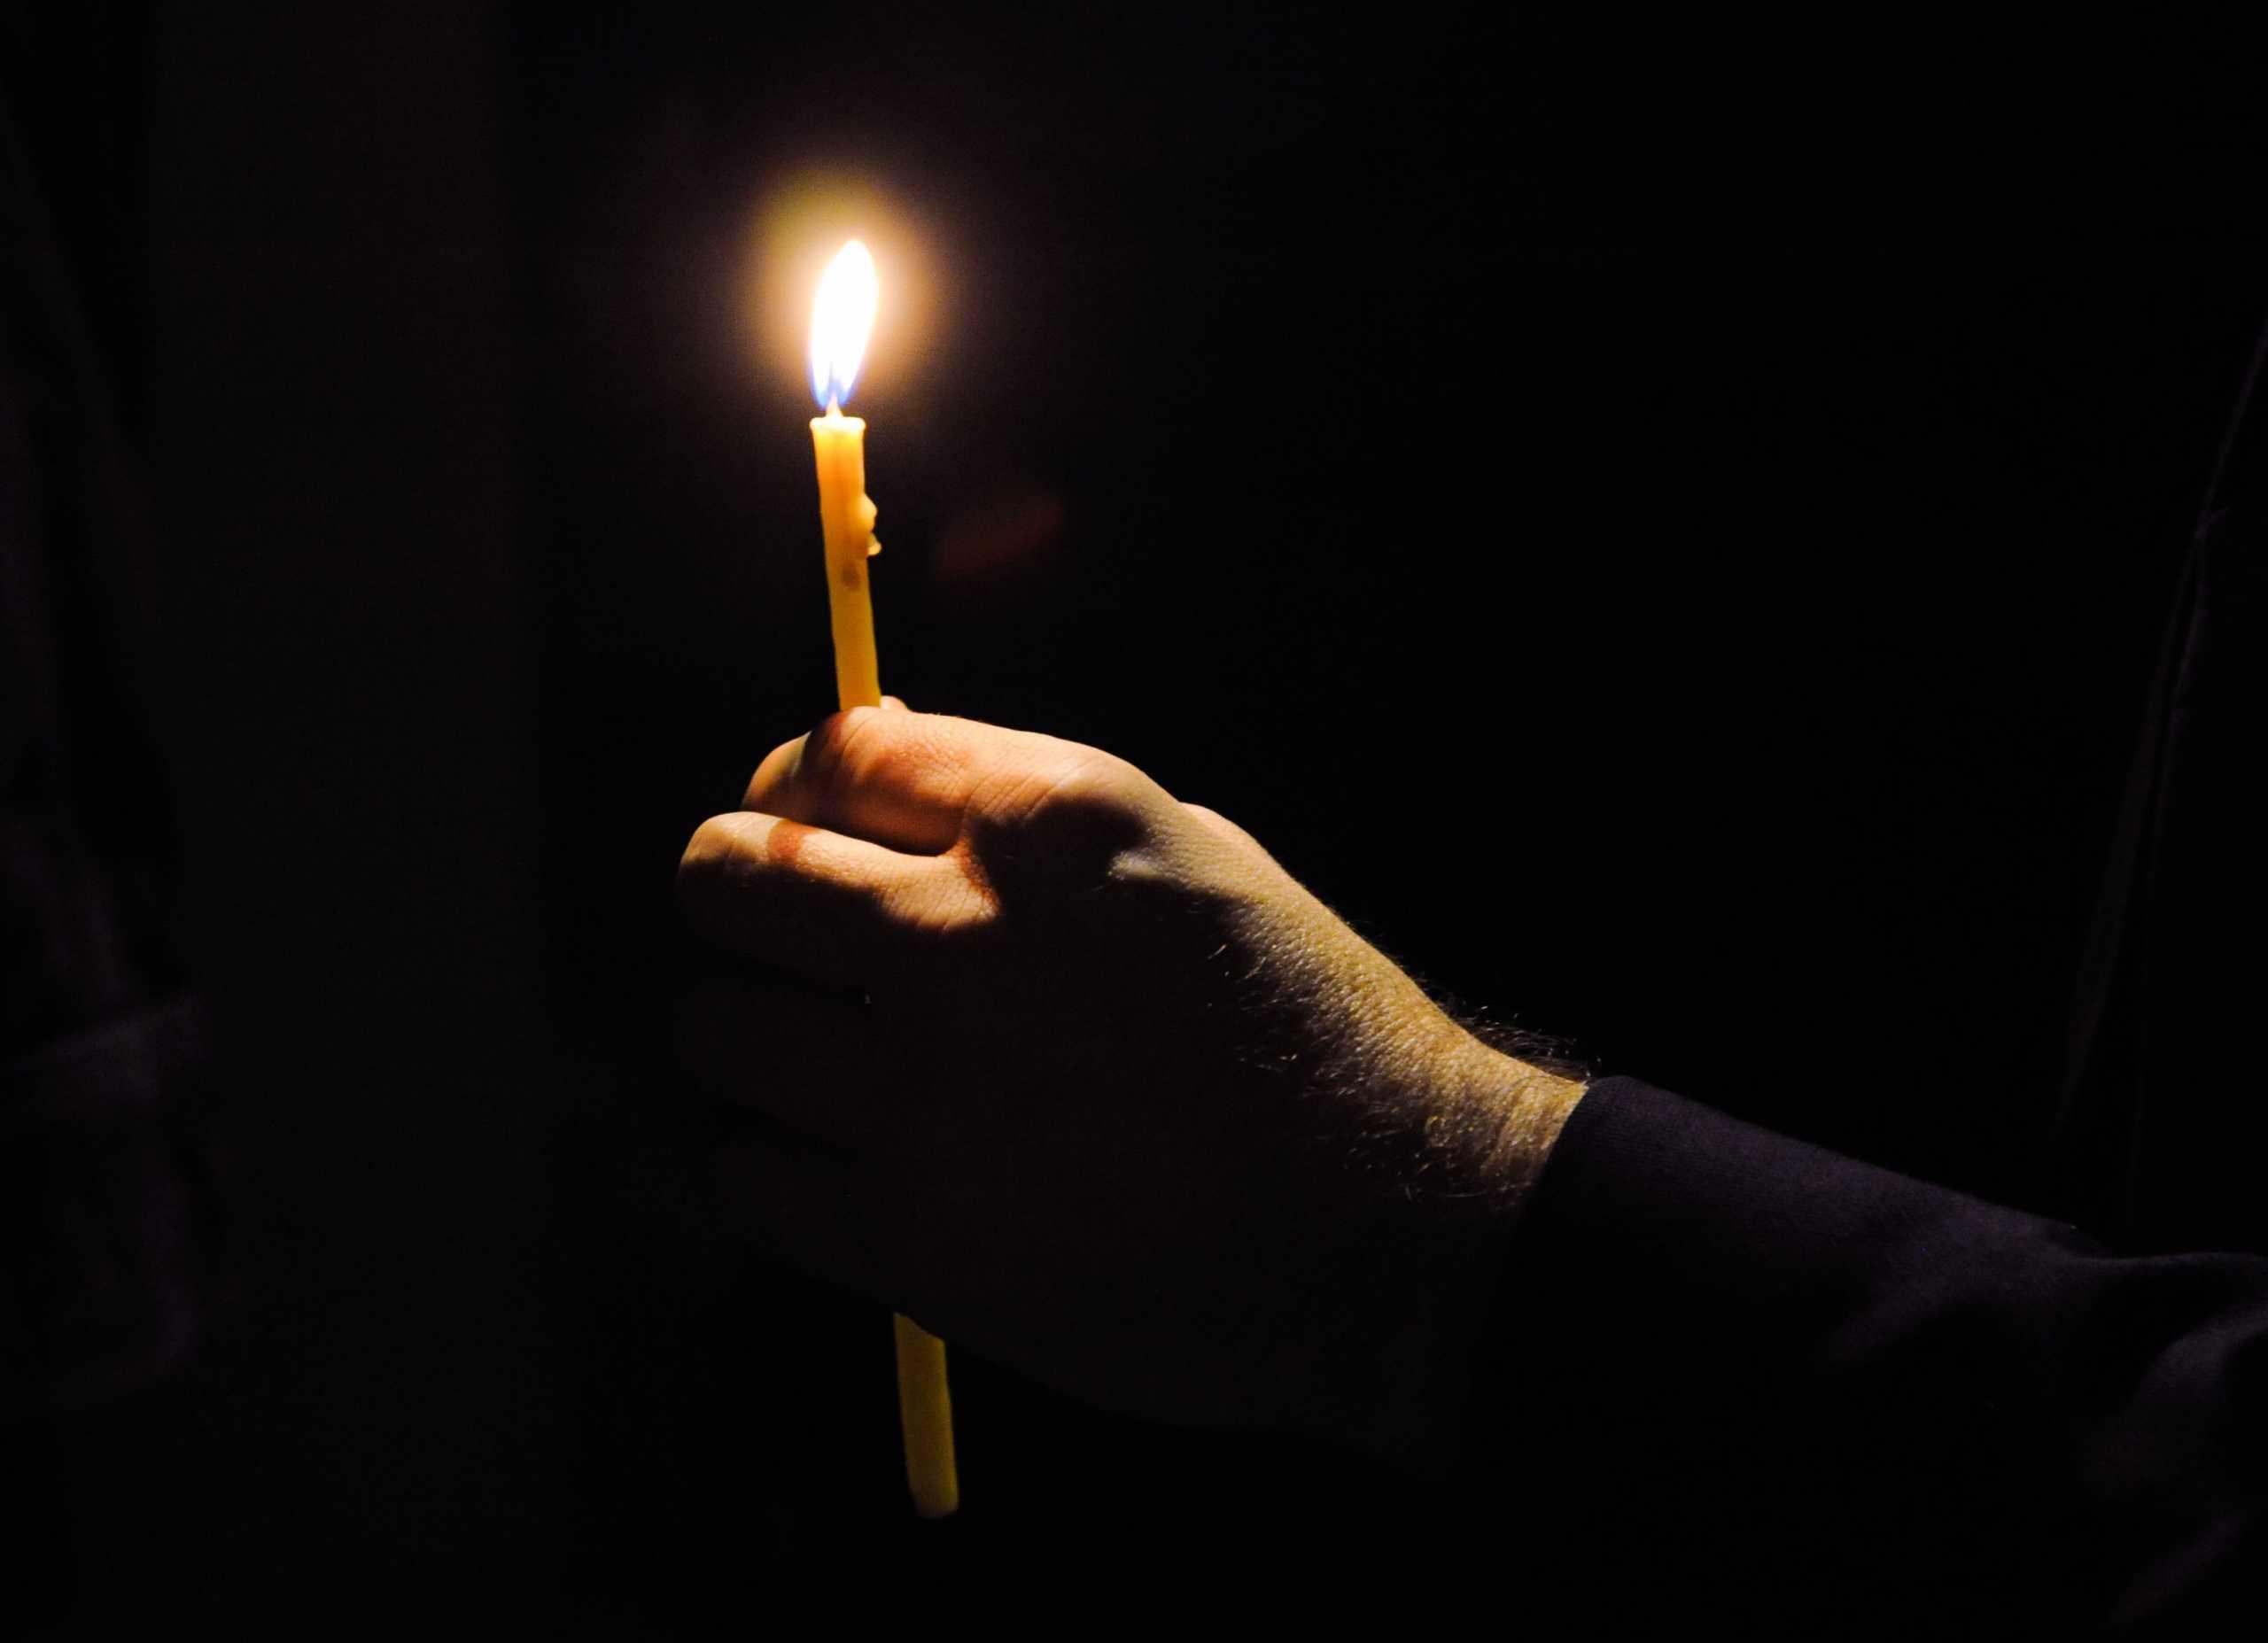 Πτολεμαΐδα: Αναστάτωση από την επίθεση ιερέα σε ΑμΕΑ